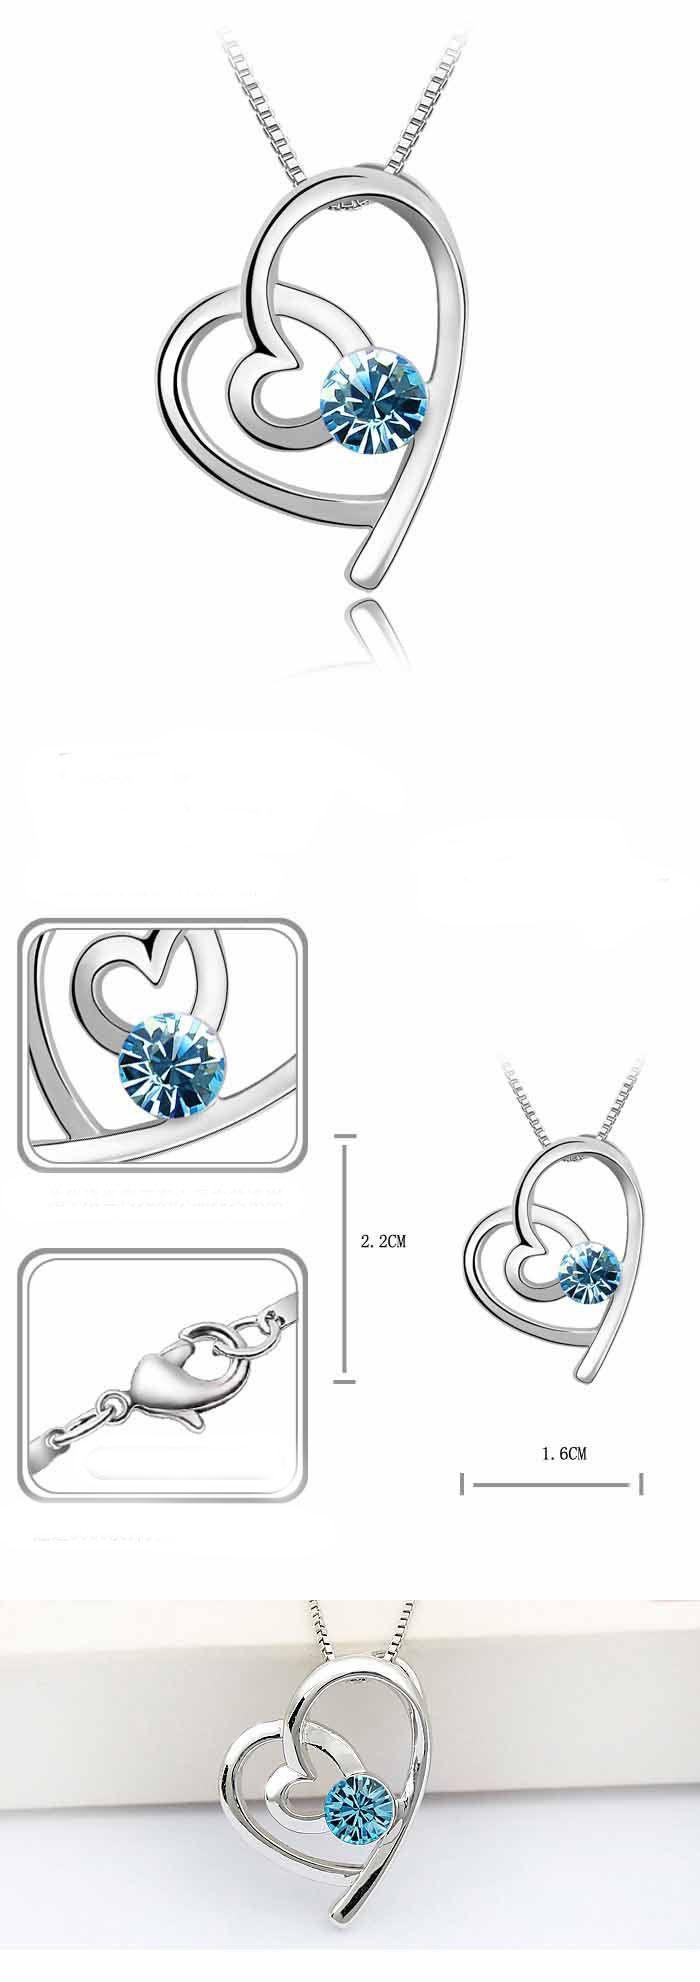 Sety šperků pro zamilované vhodné jako dárek z lásky,nebo k Valentýnu Barva: Modrá